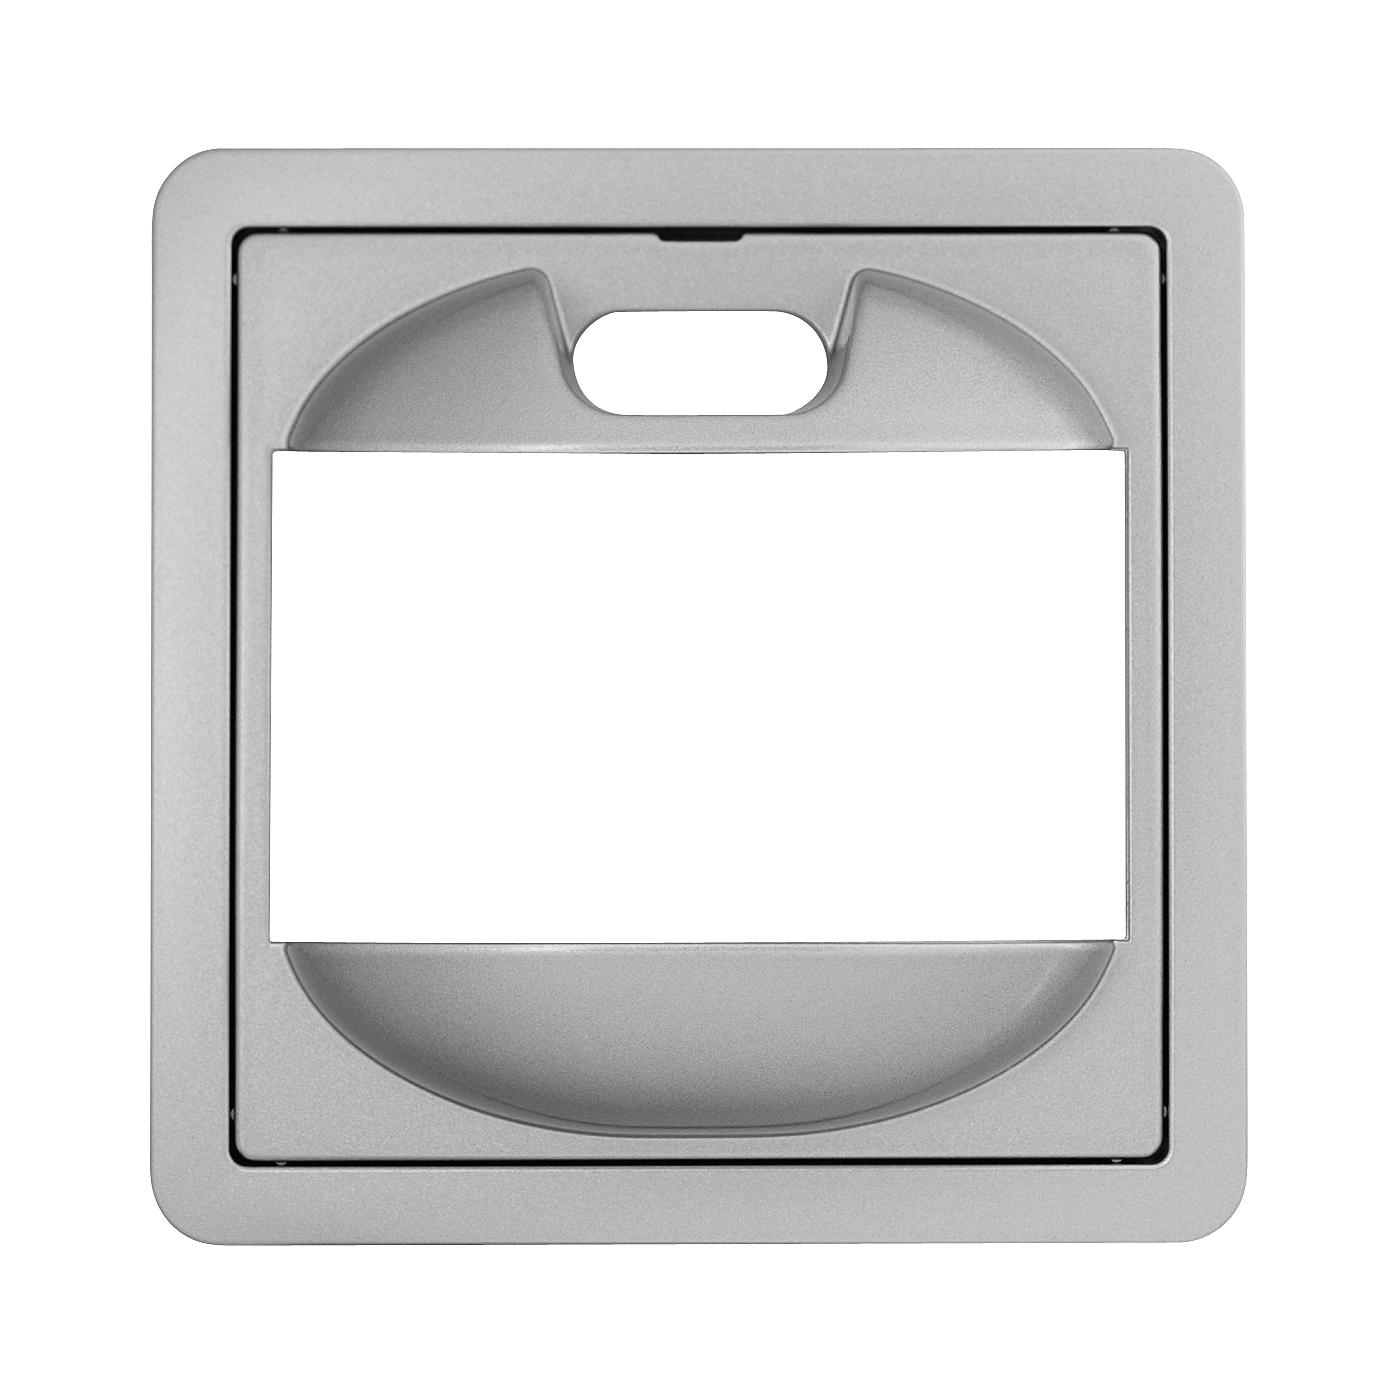 1 Stk Zentralplatte für PIR-Bewegungsmelder, F/S/R, Alueffekt EL2270819-